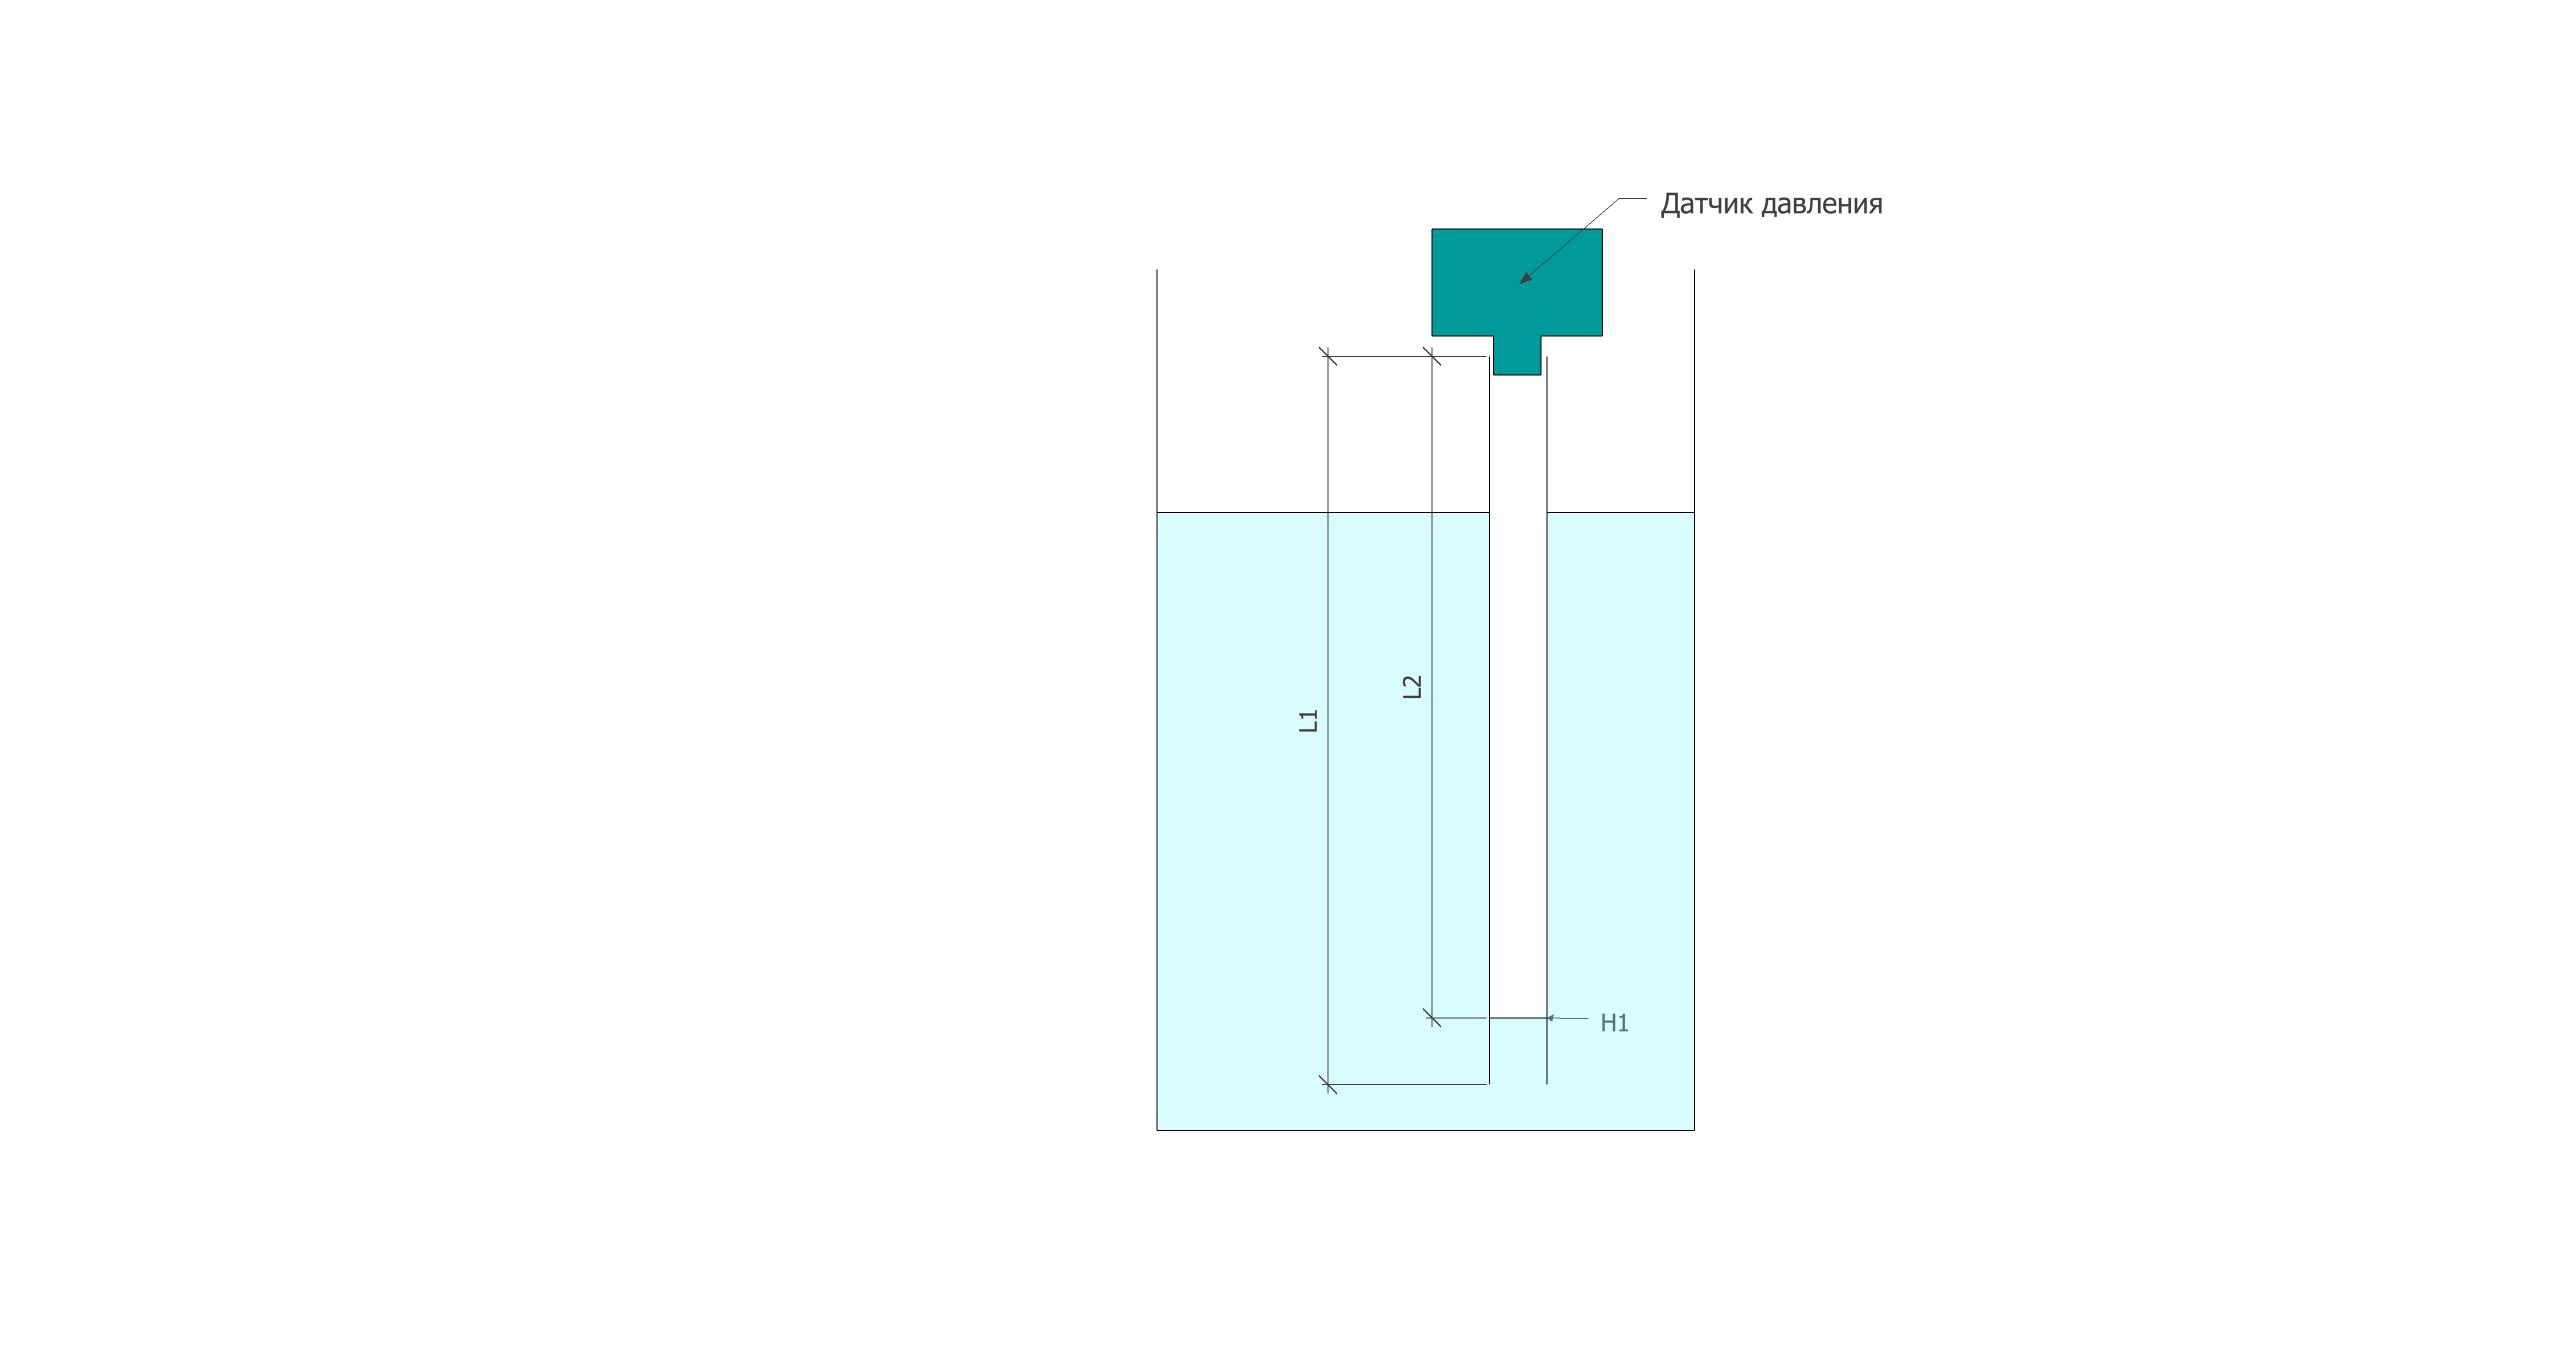 Датчик уровня воды виды, принцип работы, как сделать своими руками